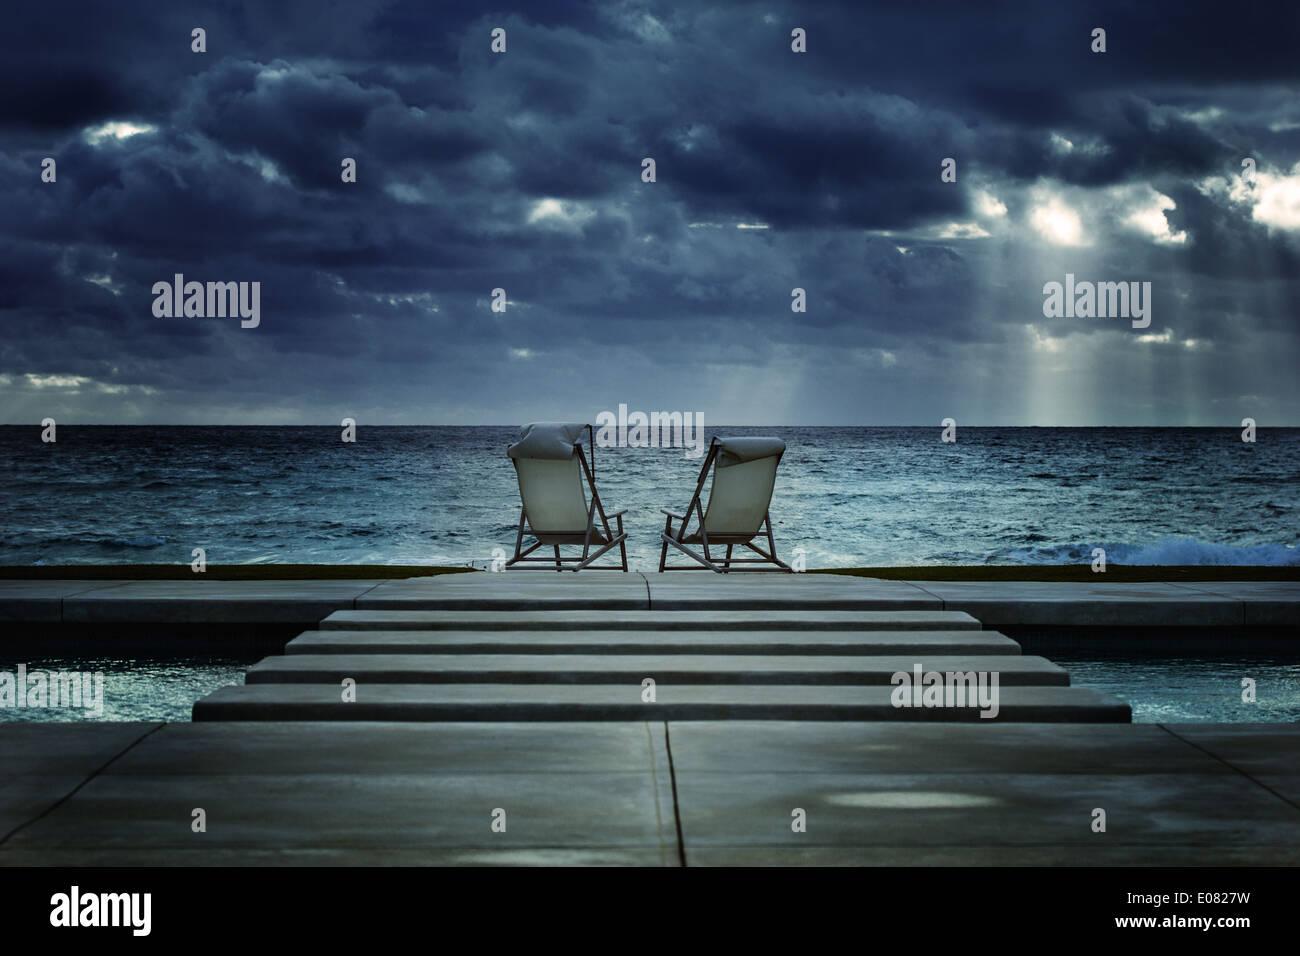 Una vista de dos cómodas sillas de playa en la isla de Palm Beach, con vistas al océano Atlántico Imagen De Stock